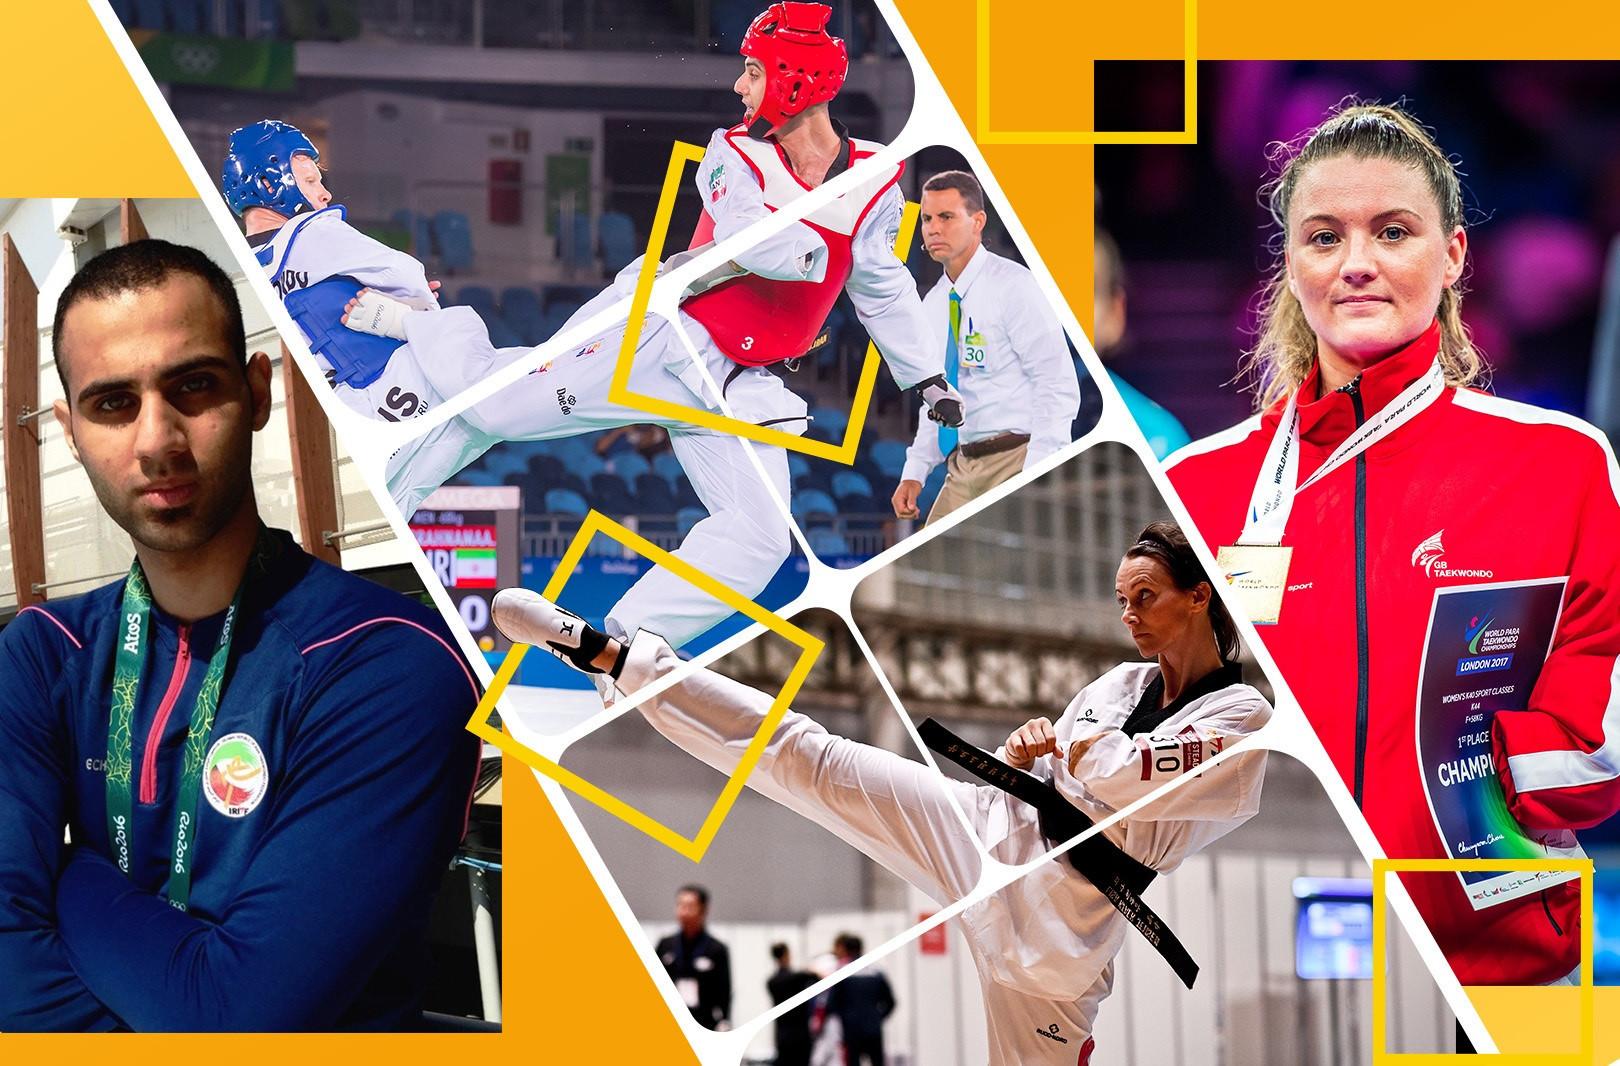 Para-taekwondo is preparing to make its Paralympic debut at Tokyo 2020 ©World Taekwondo